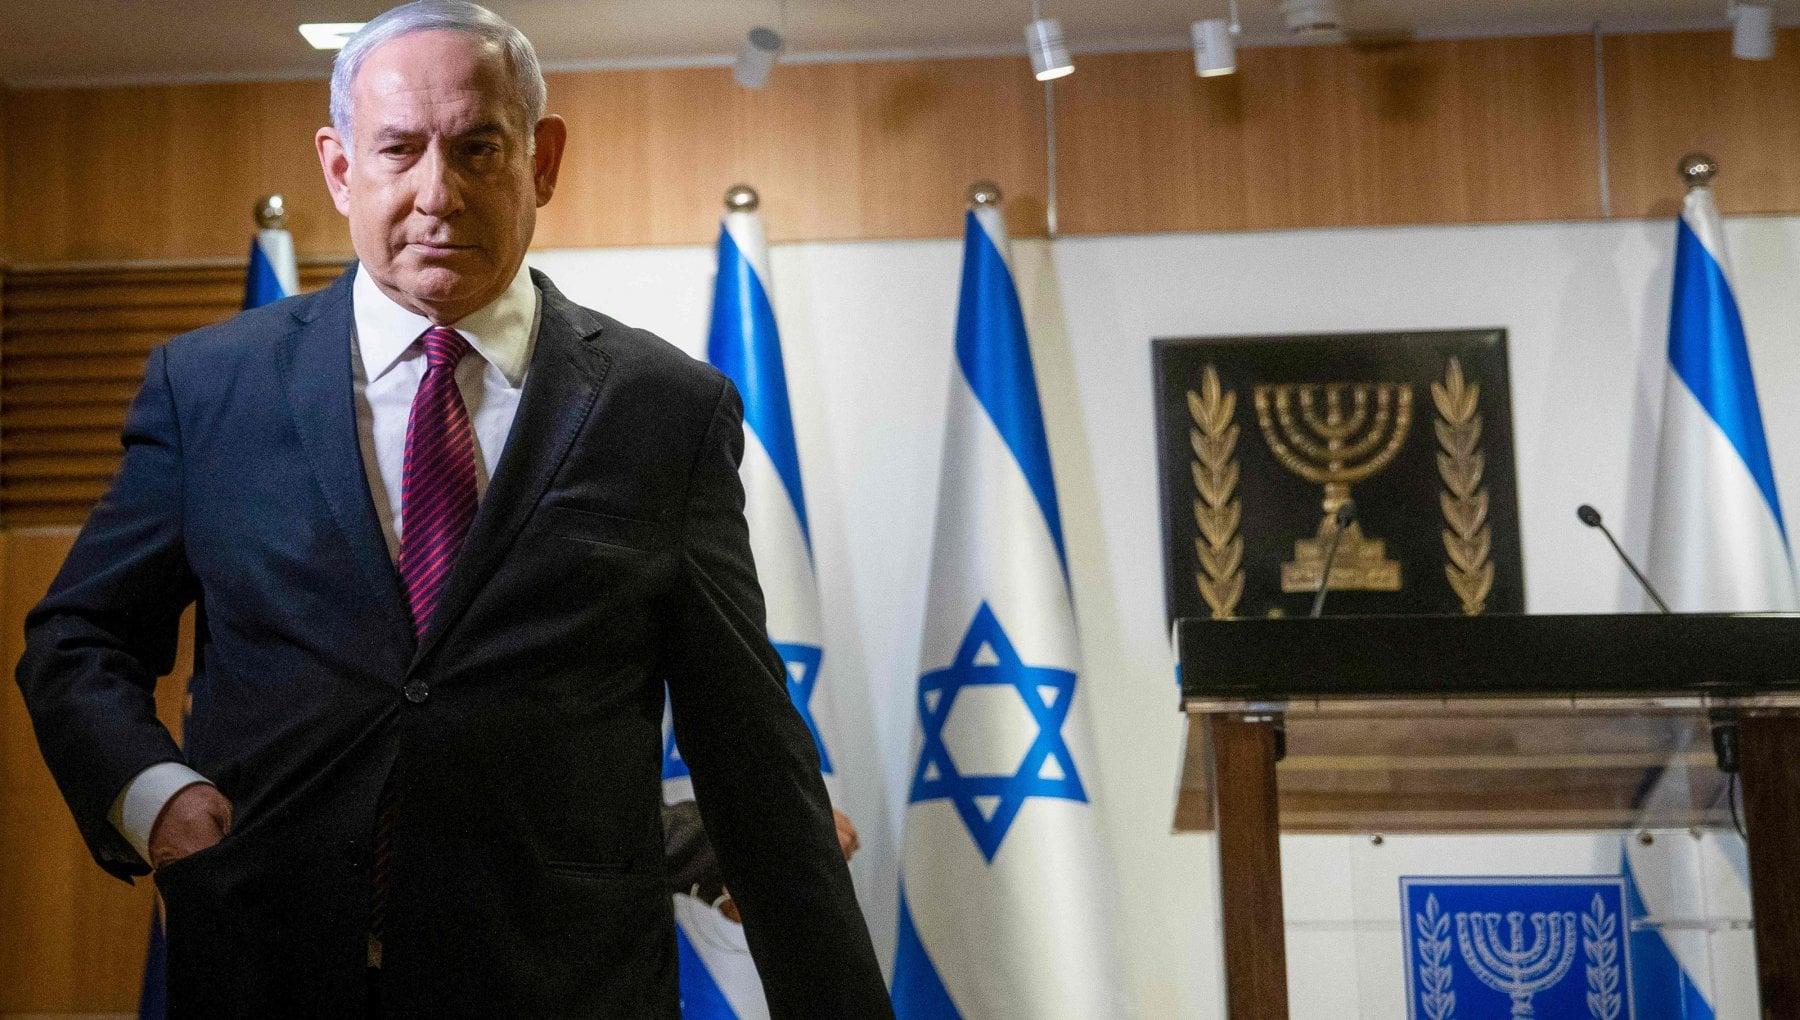 215008167 e93c8e44 c69c 41be 8915 24bcbe871d7b - Israele, riprendere 4 deputati: la battaglia di Netanyahu per far fallire il governo